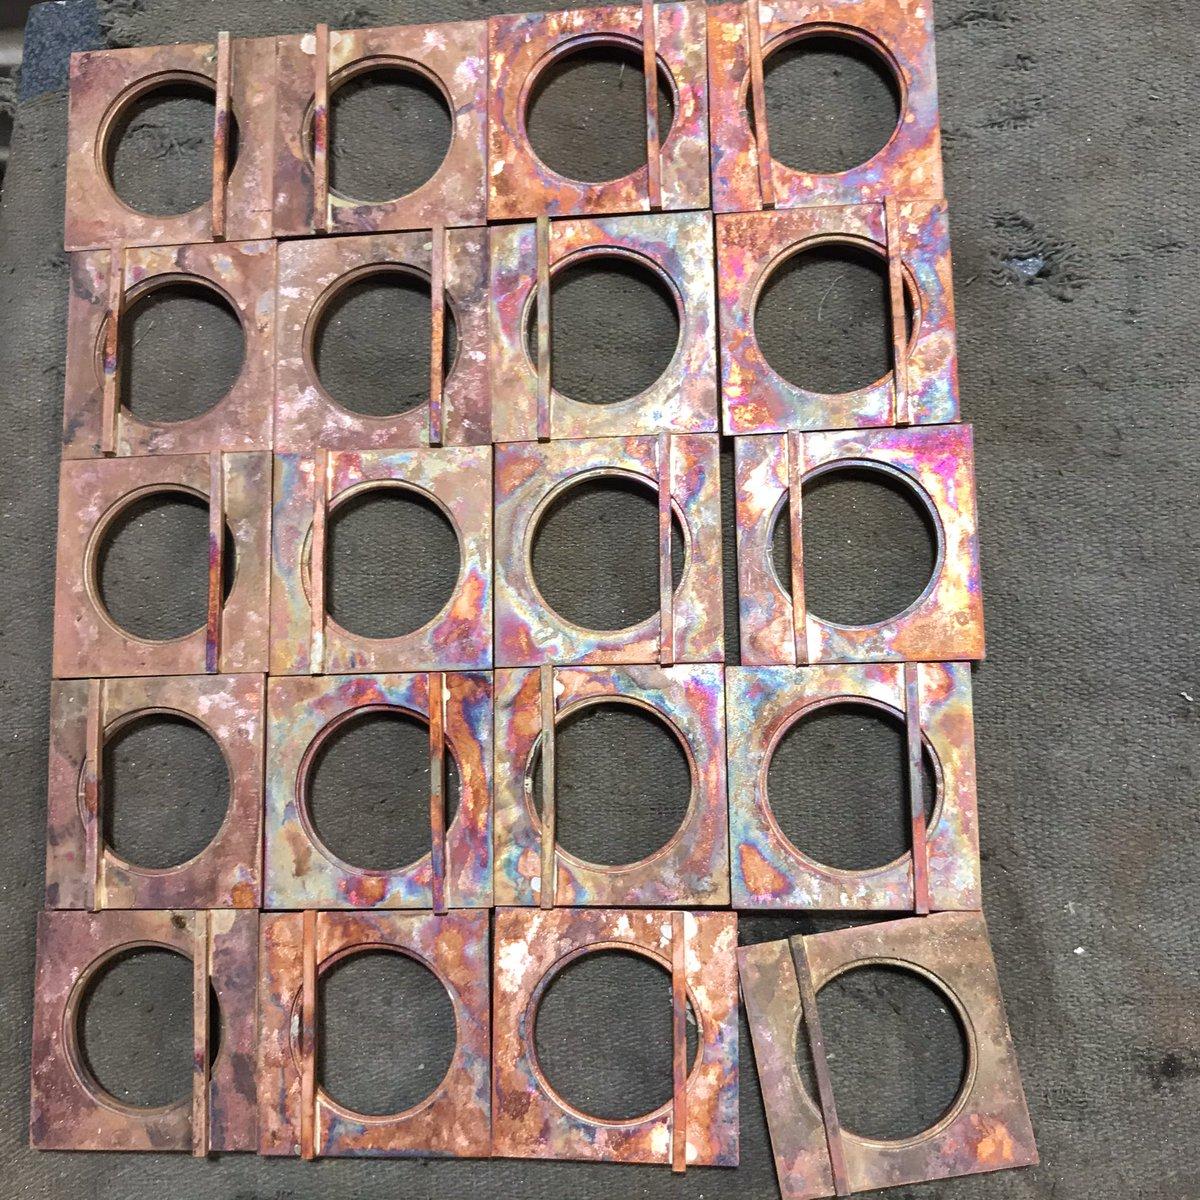 Some people stress clean or eat. I stress make. #metalsmith #maker #madebyhandspic.twitter.com/pJoAOU3KeK